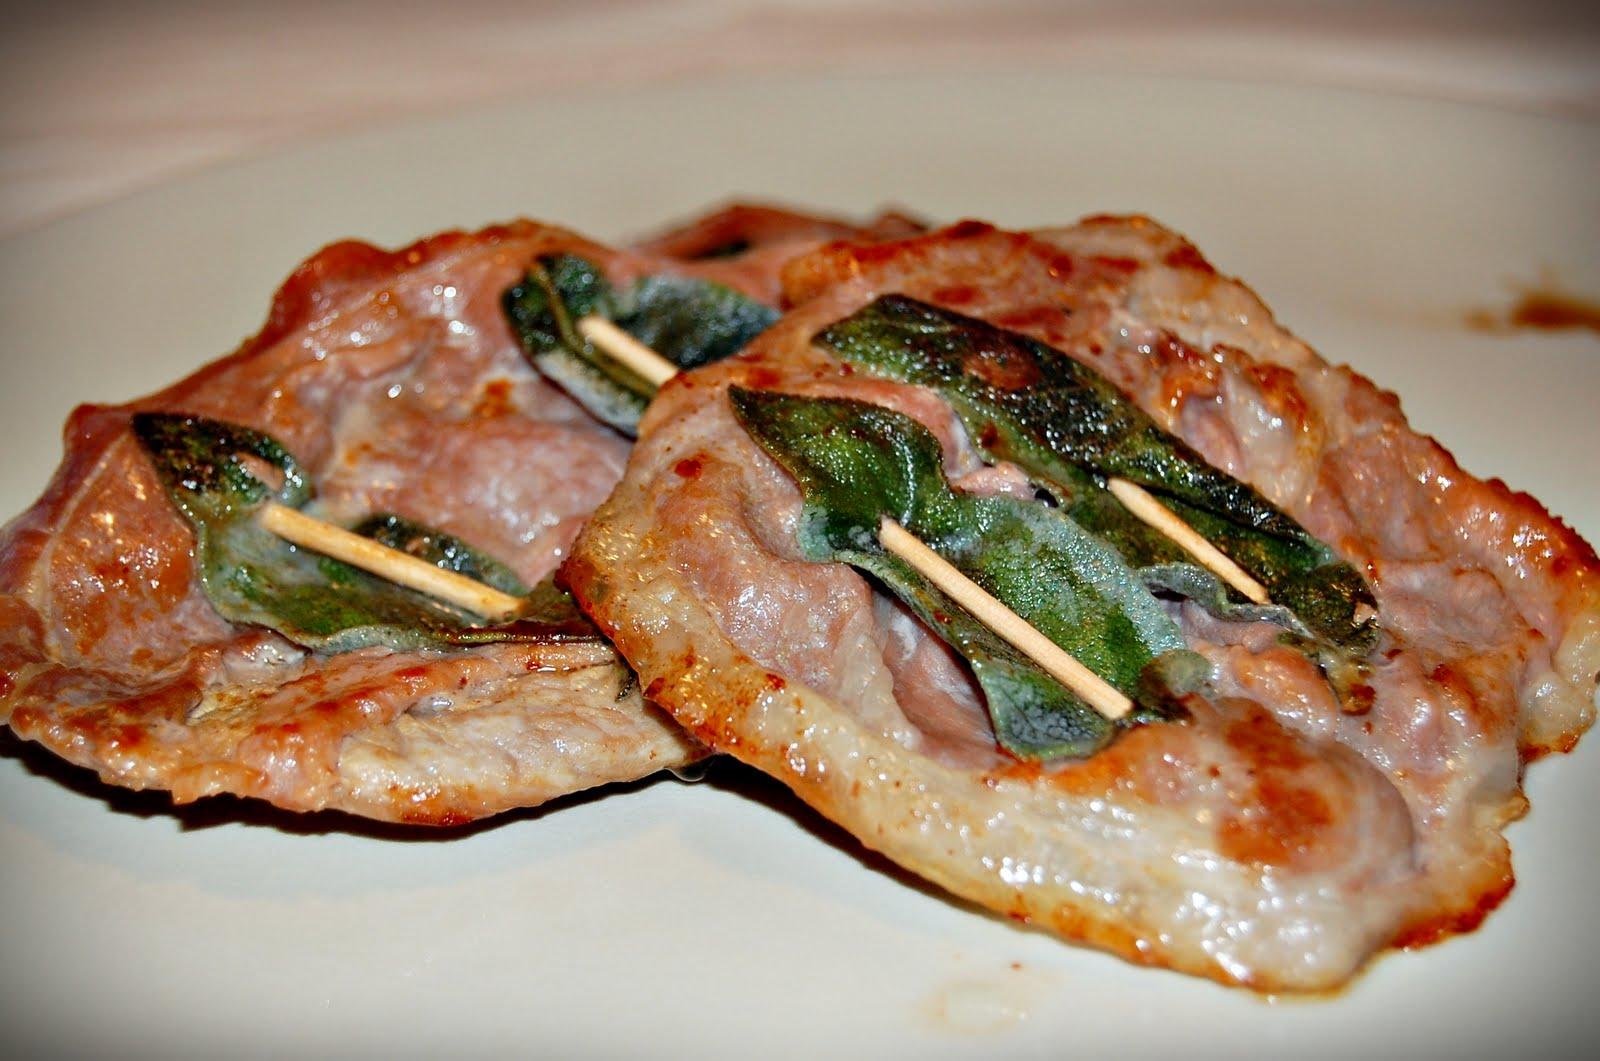 Saltinbocca alla romana piatti tipici del lazio italy for Piatti tipici della cucina romana